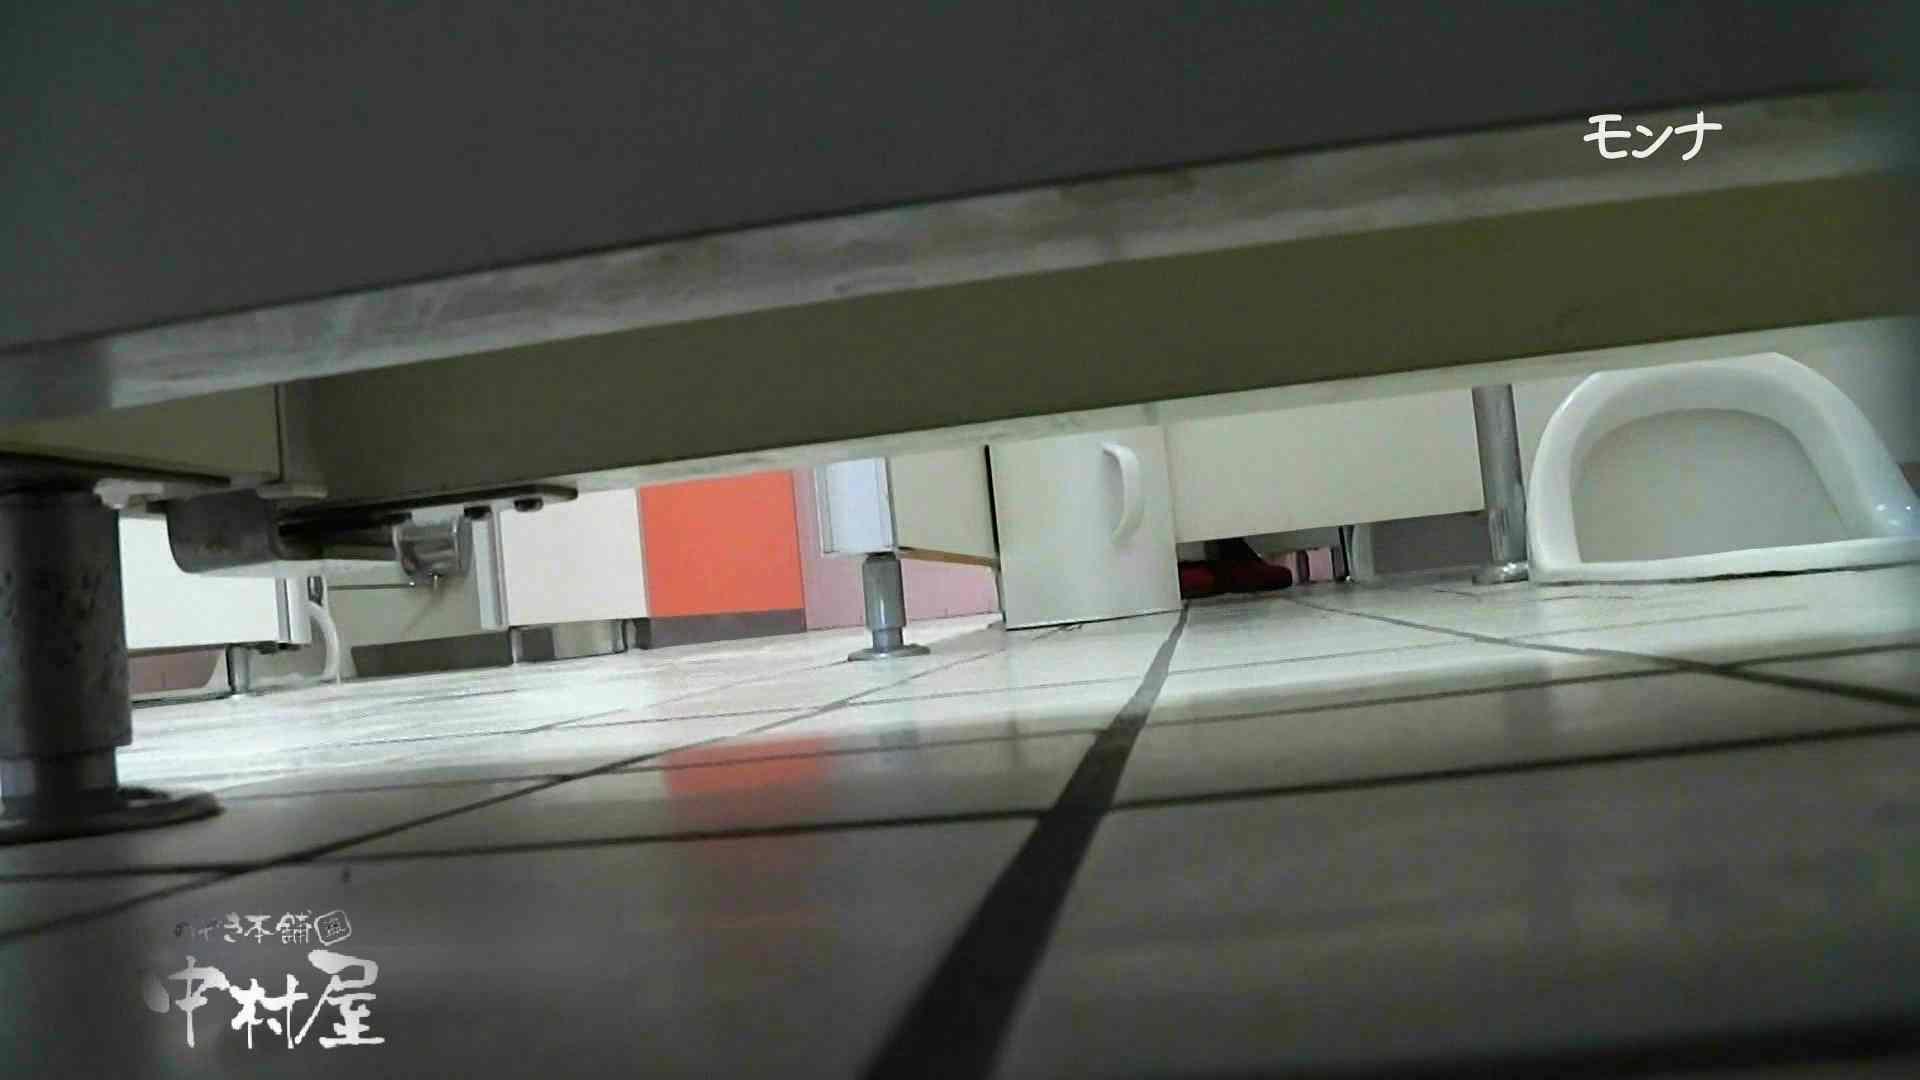 【美しい日本の未来】遂に!!戸田恵梨香似の予告モデル登場ダッシュで「大」前編 おまんこ見放題  75PIX 24